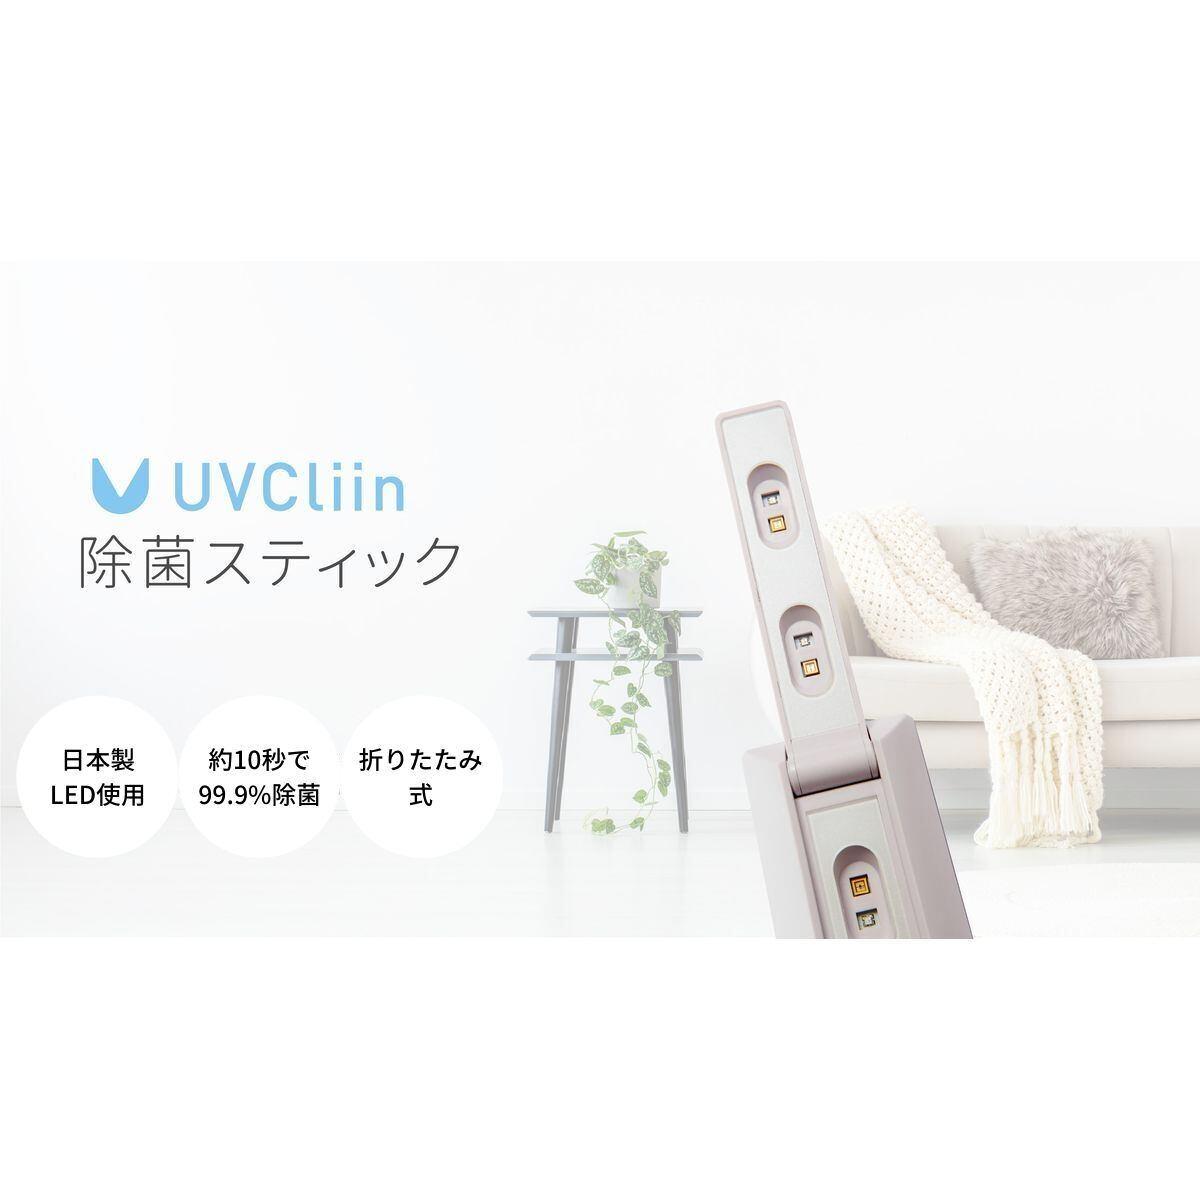 日本製LED使用 ポータブル深紫外線除菌器 UVCliin Portable UV-C LED Sterilizer Pro White 折りたたみ式 UV-C LED 除菌 ライト 白